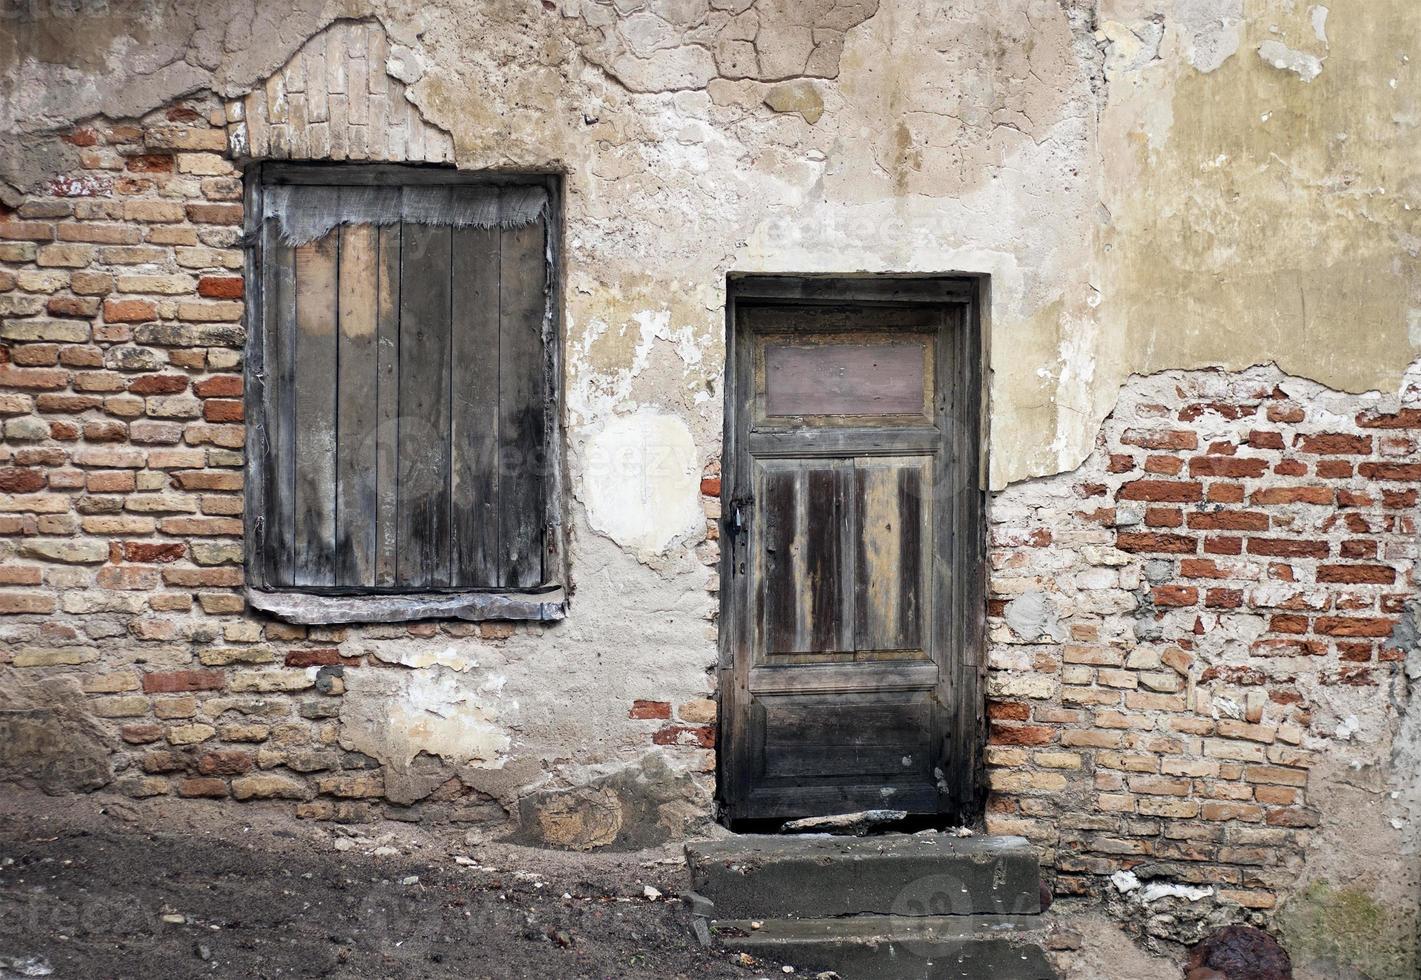 gamla fönster och dörr med sprucken vägg foto